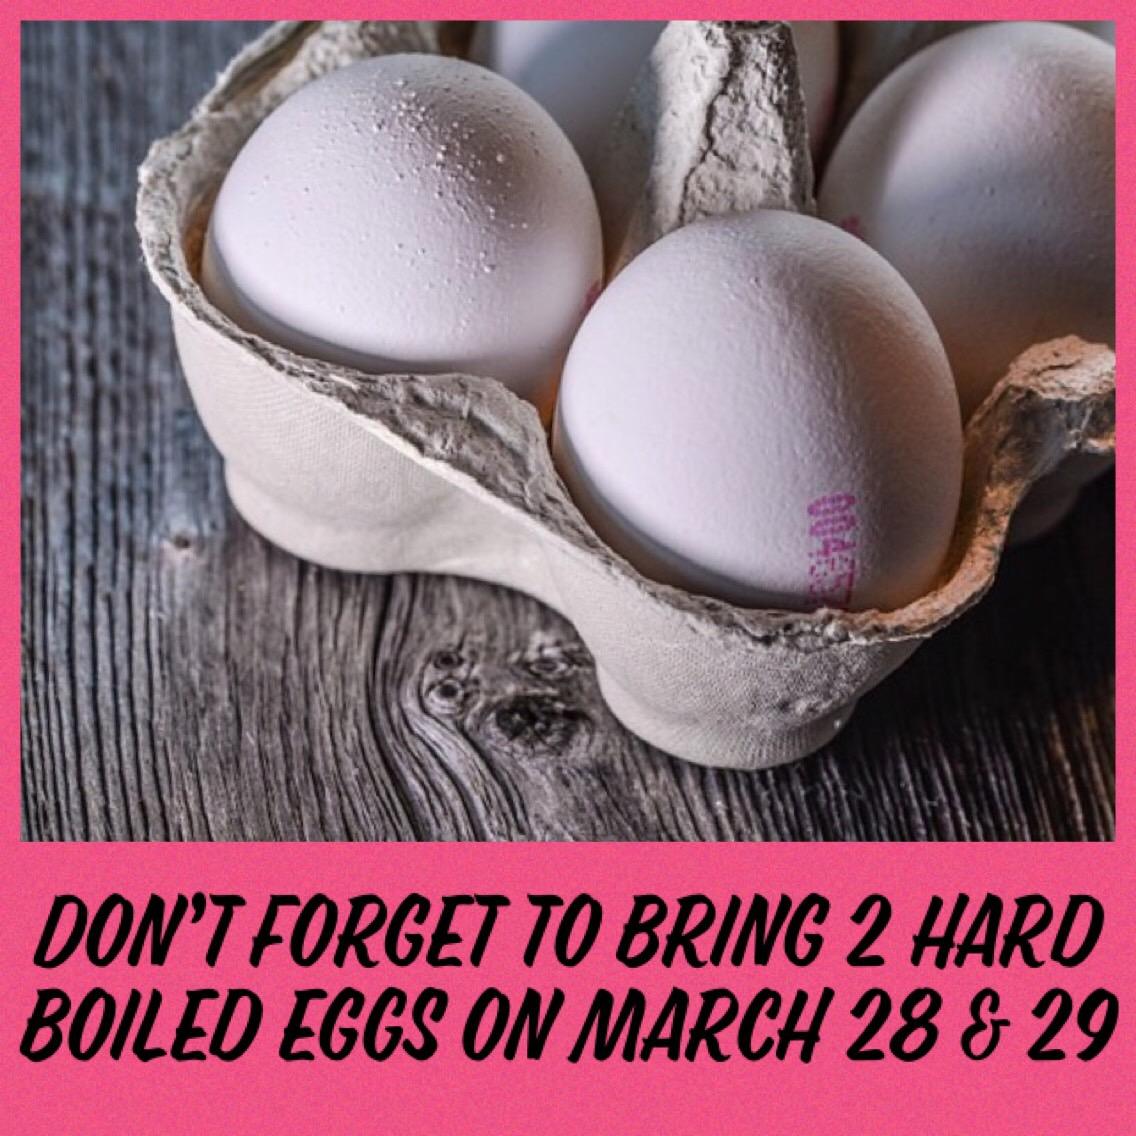 easter egg reminder.JPG